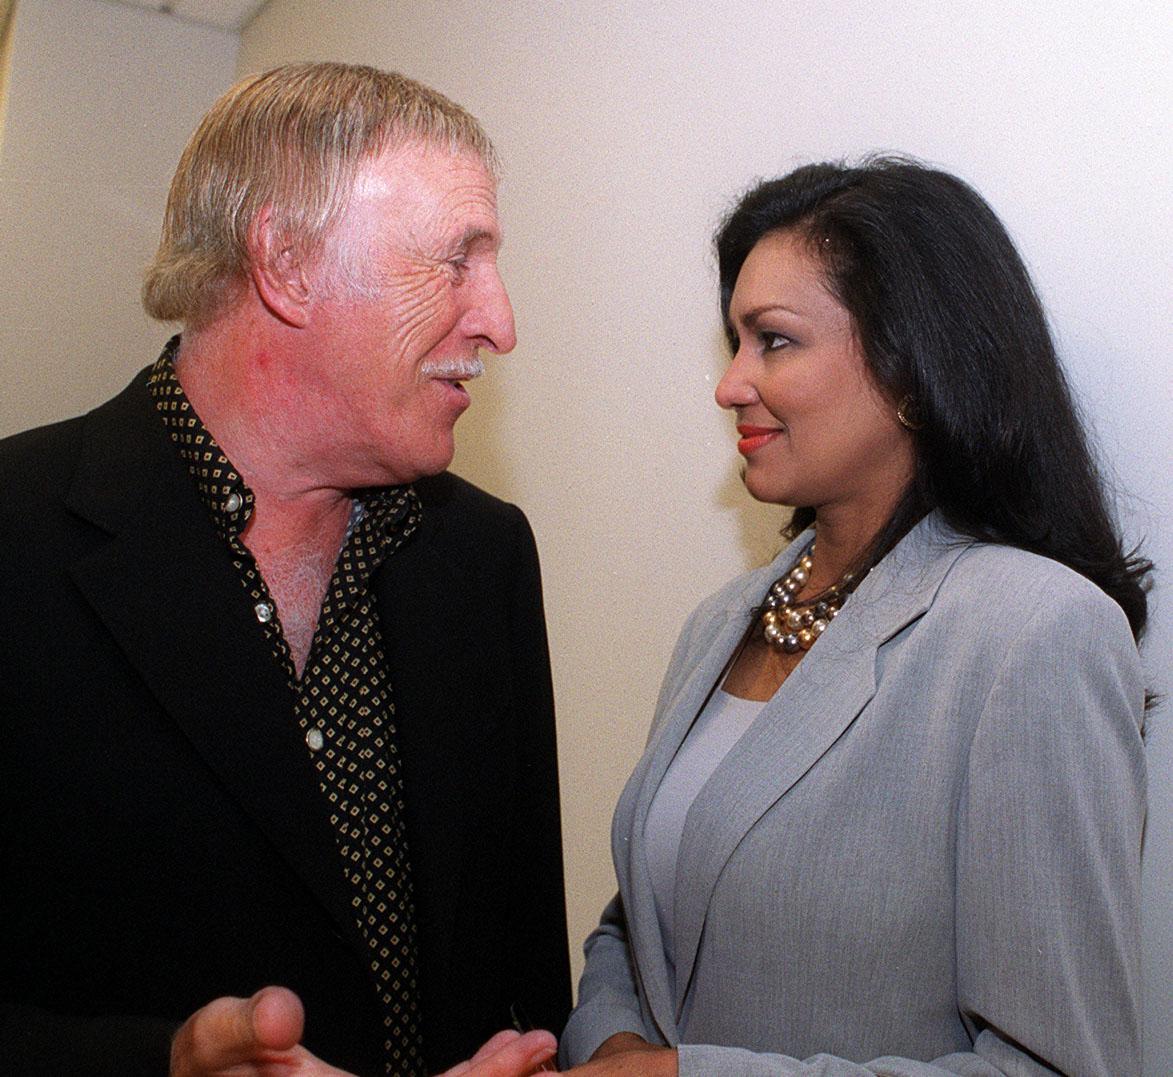 Ambos amaban el baile, él fue un profesional del tap y les encantaba el tango, y para un aniversario recibieron de regalo una sección de tango con un maestro argentino en su casa en Dorado. (Archivo)